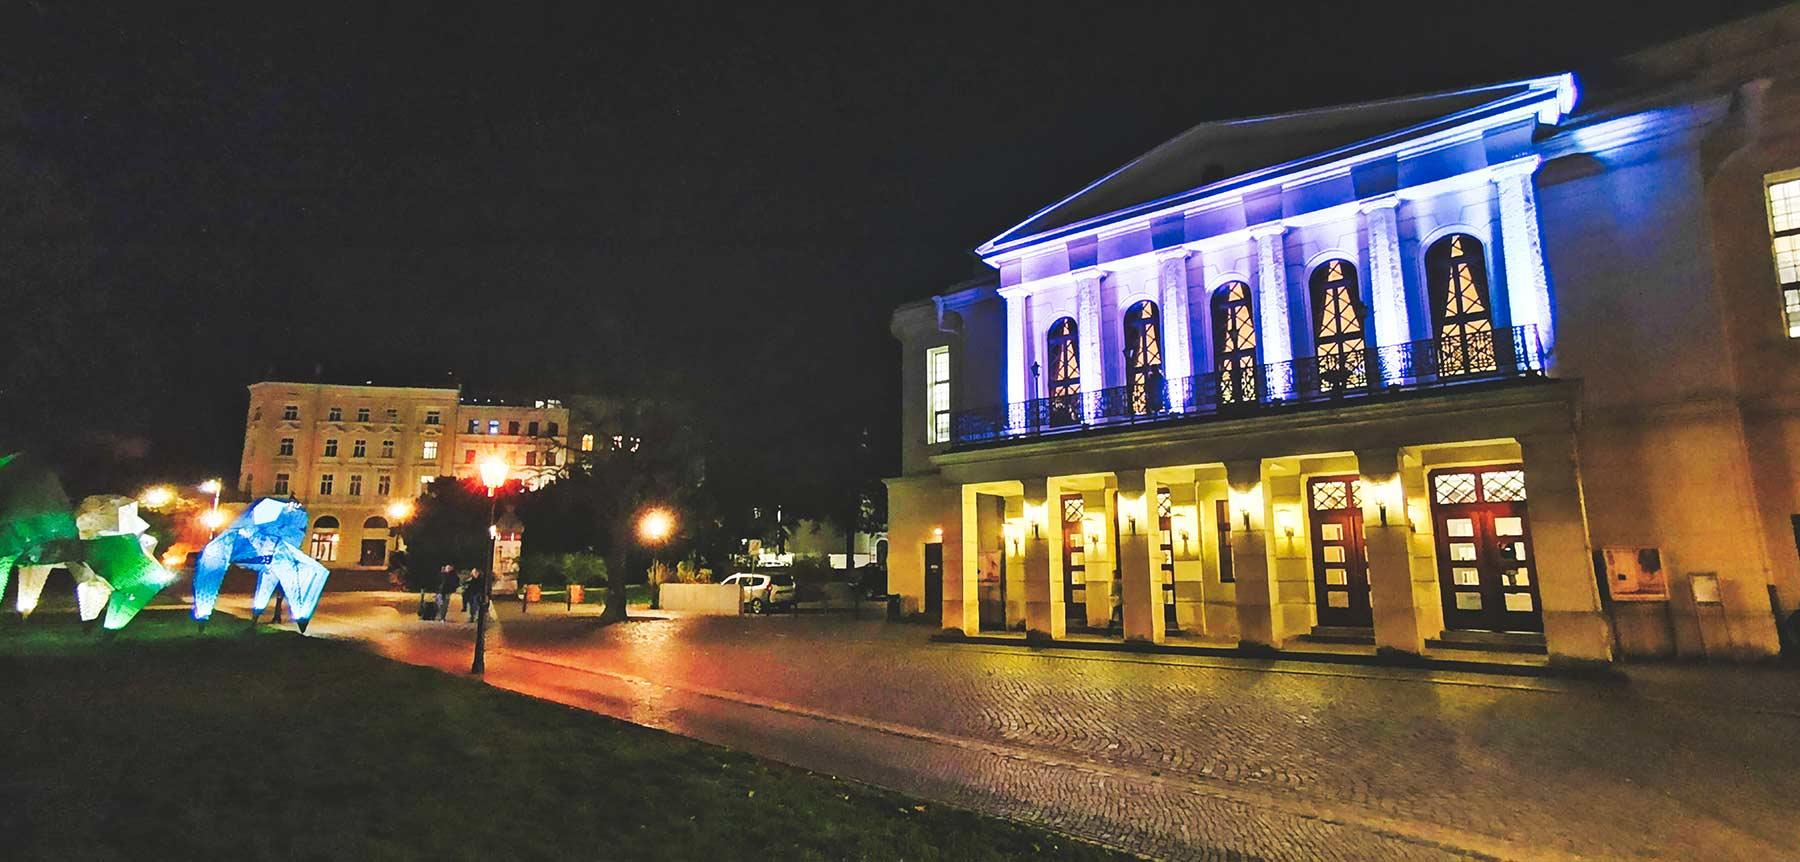 Theater Görlitz bei Nacht, bleuchtete Innenstadt erleben